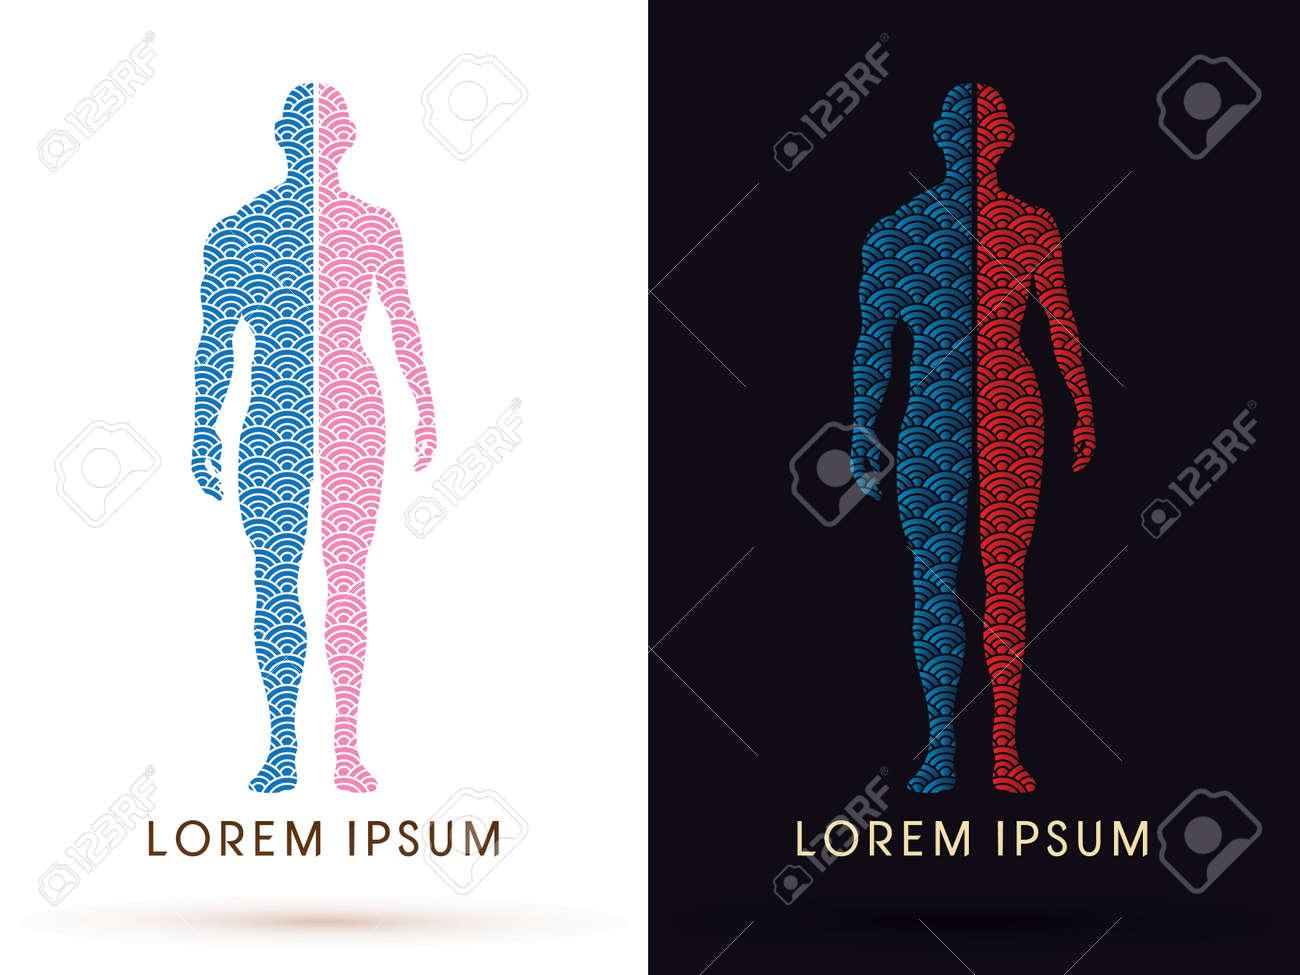 La Mitad Del Cuerpo, Masculina Y Femenina Anatomía, Diseñado ...